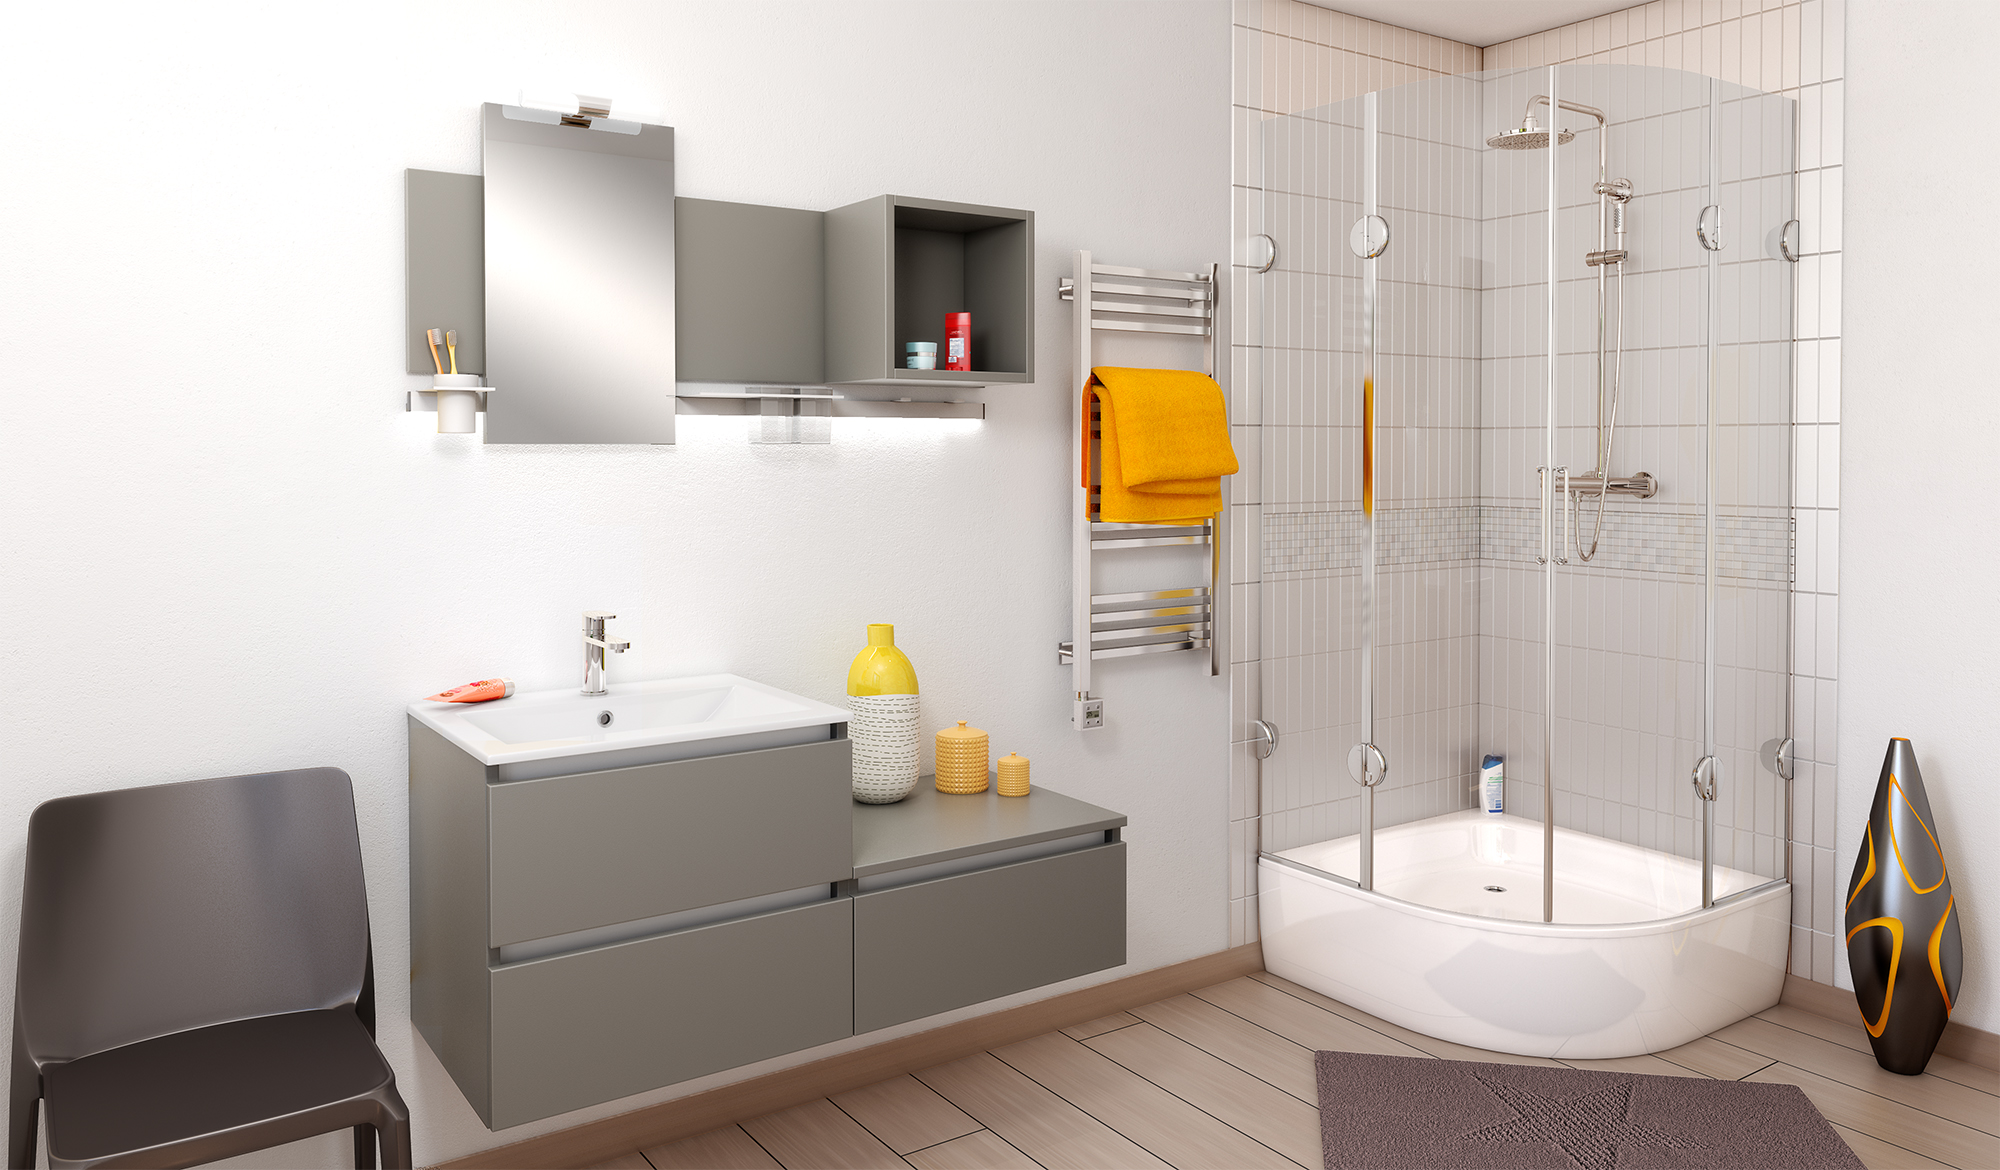 meuble de salle de bain vasque miroir par cuisine malrieu. Black Bedroom Furniture Sets. Home Design Ideas